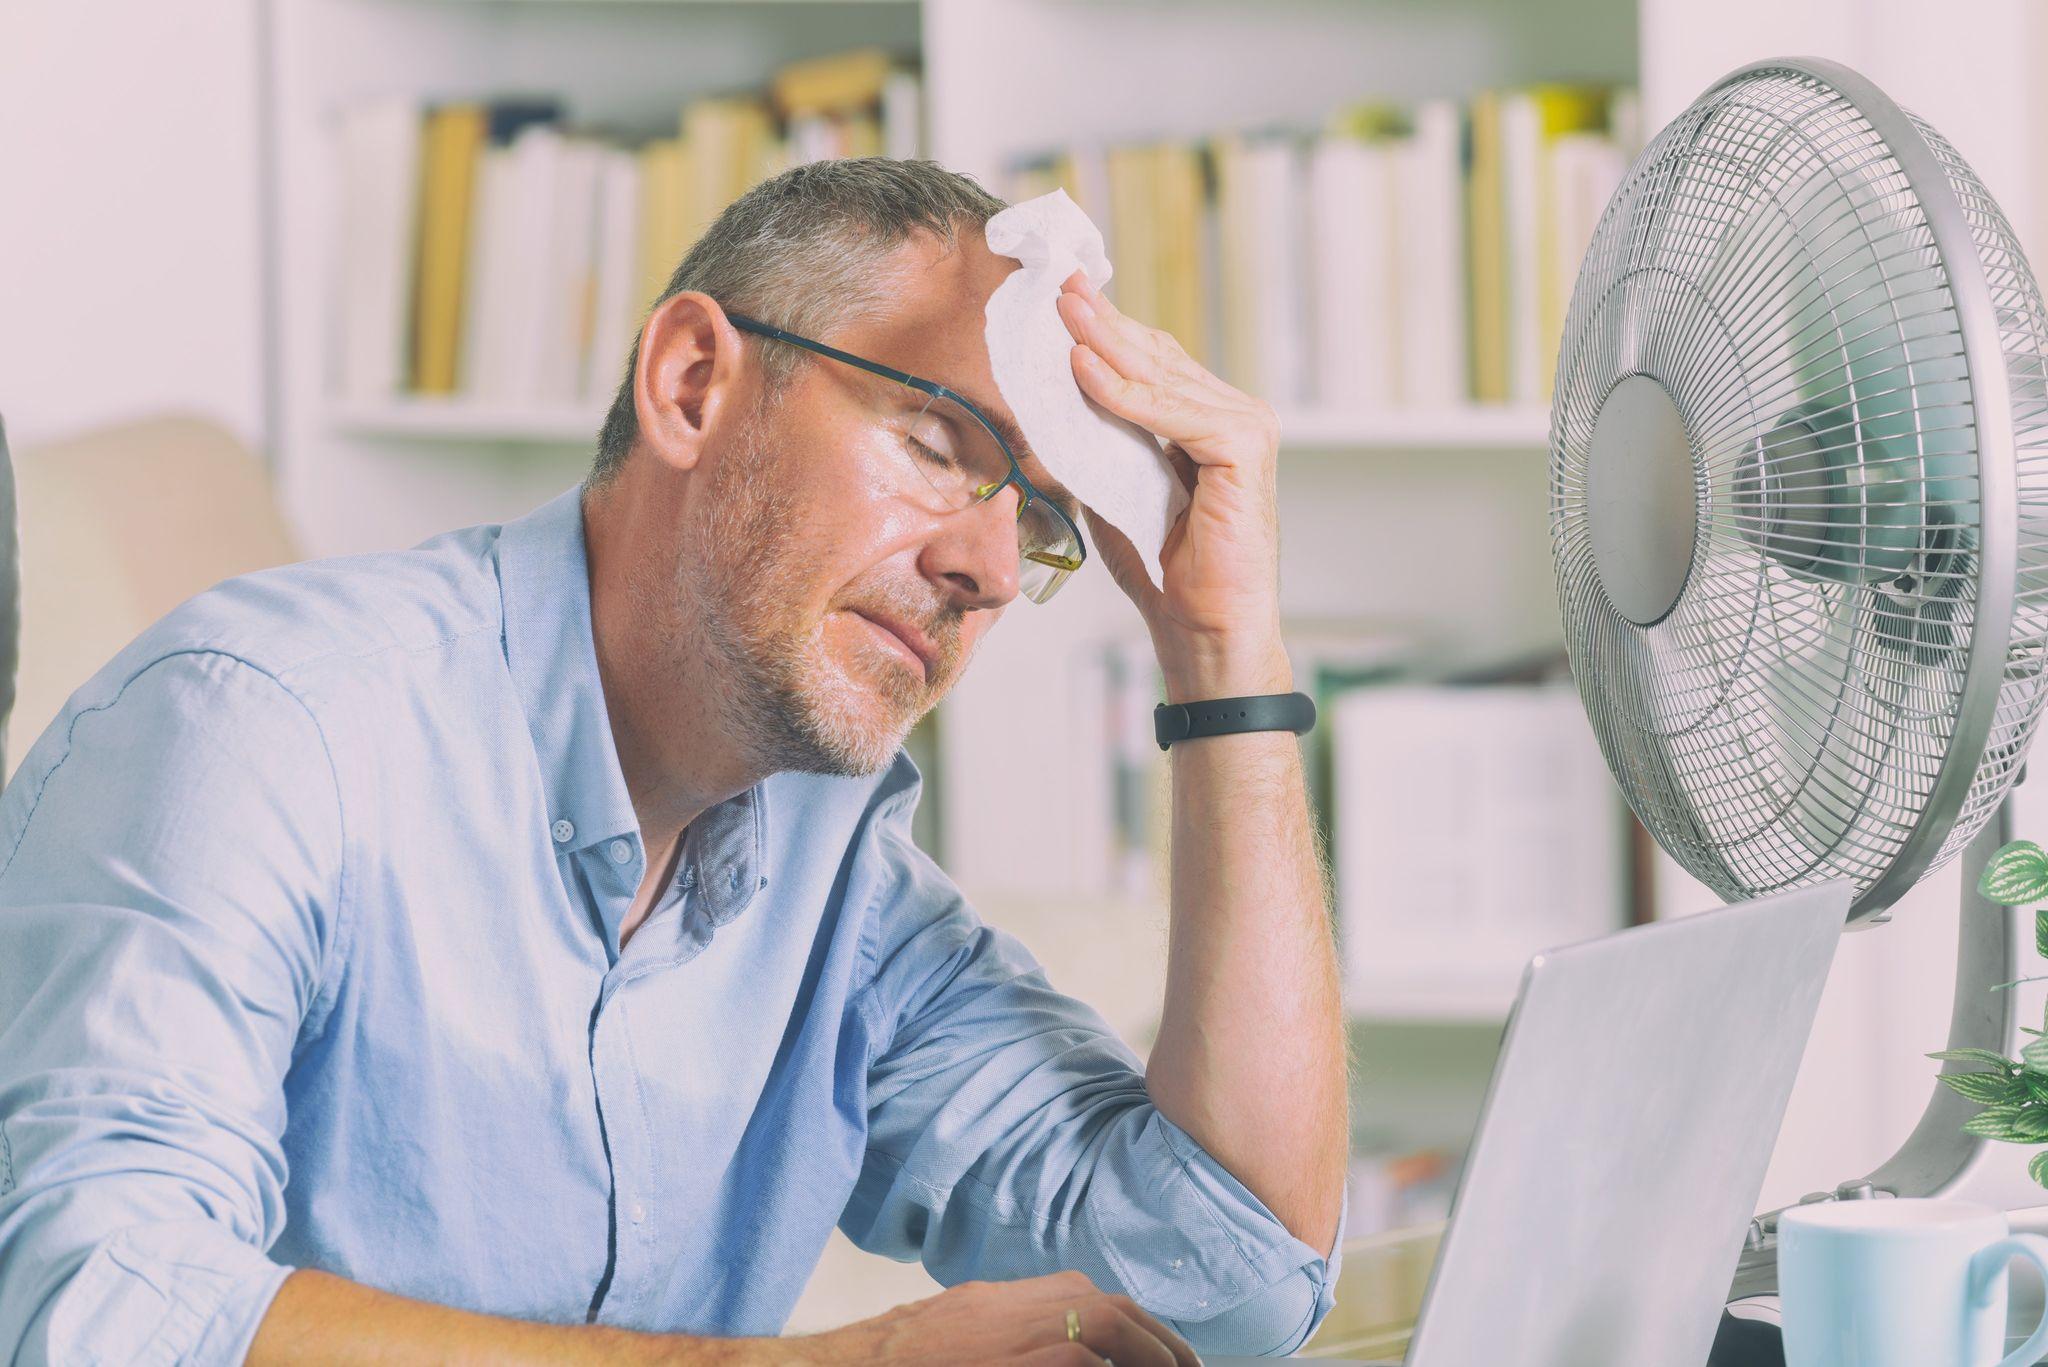 Jaki jest najbardziej skuteczny sposób na obniżenie temperatury, zużycia energii i ochronę zdrowia w domu?